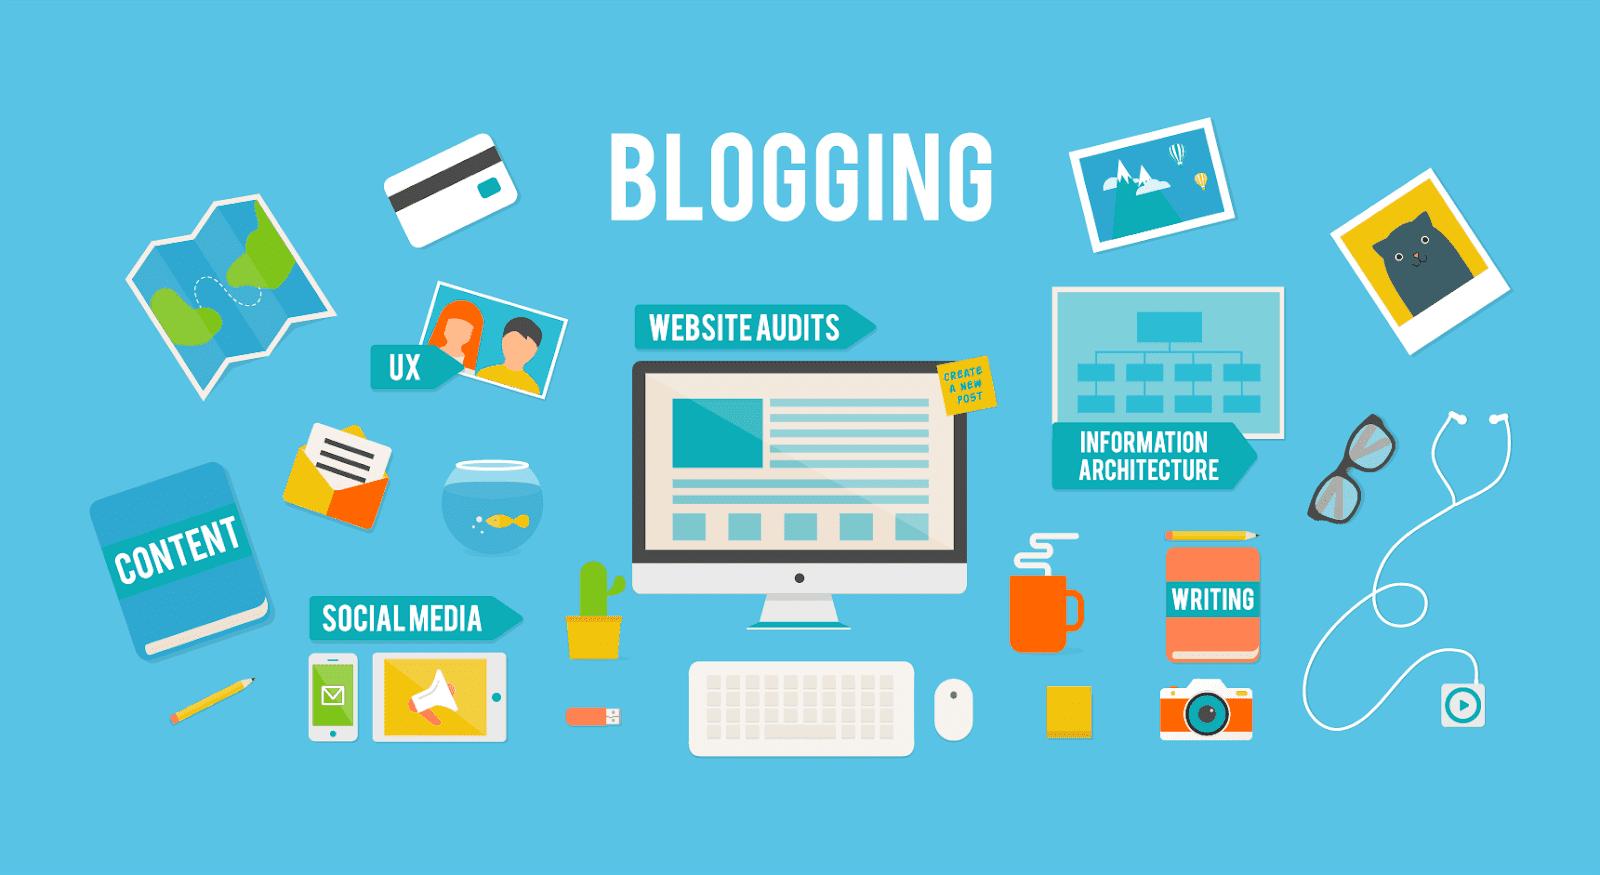 شرح إنشاء مدونة بلوجر blogger جديدة 2020 احترافية مجاناً